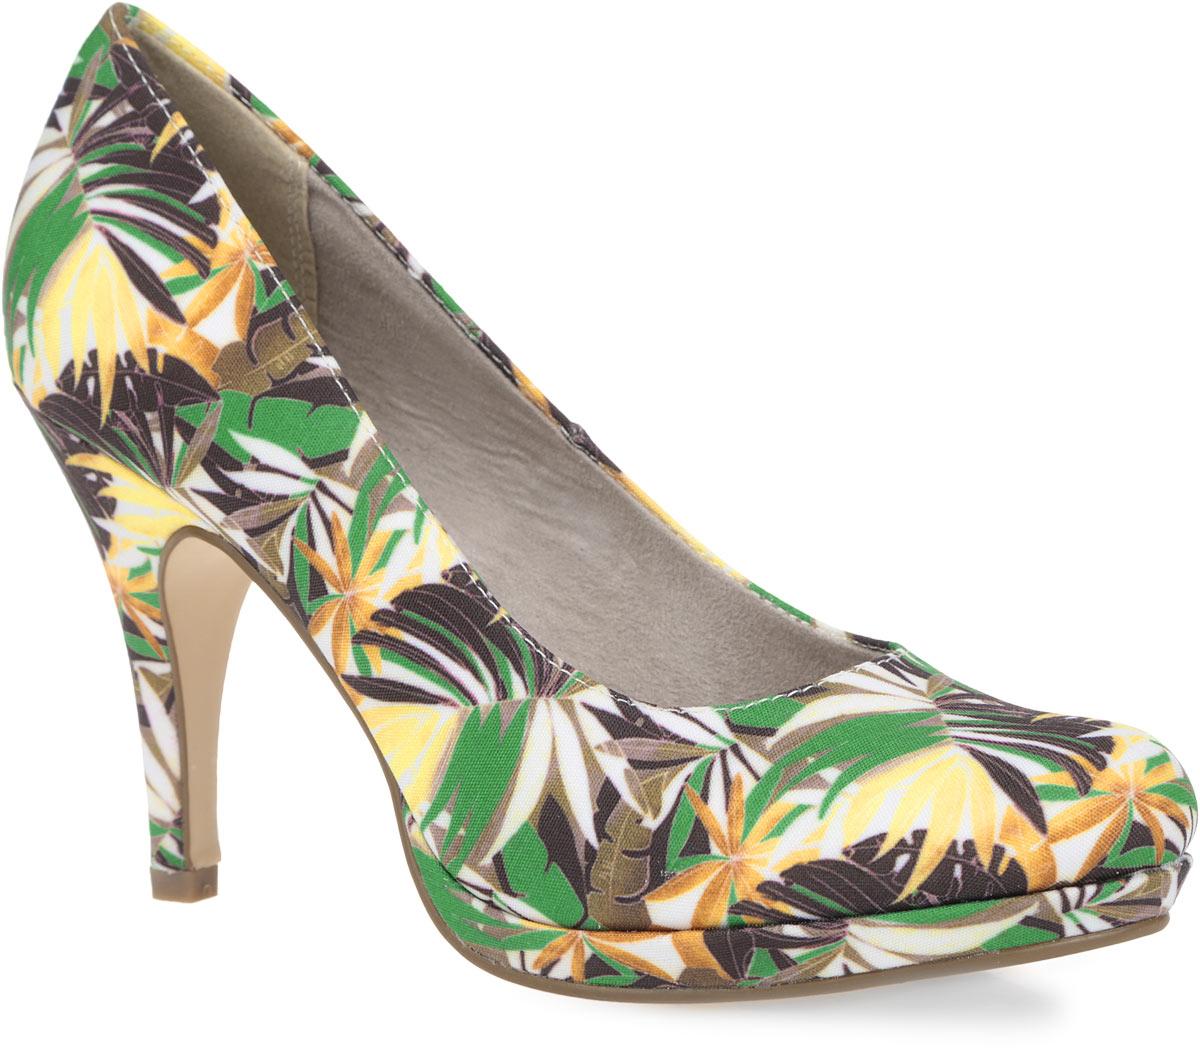 Туфли женские. 1-1-22407-26-7601-1-22407-26-760Оригинальные женские туфли от Tamaris очаруют вас с первого взгляда. Модель выполнена из текстиля, оформленного яркими красочными изображениями. Круглый носок добавит женственности в образ. Подкладка, изготовленная из комбинации мягкого текстиля и искусственных материалов, и стелька из искусственной кожи обеспечат ногам комфорт и уют. Высокий каблук компенсирован платформой. Подошва с рифлением обеспечивает отличное сцепление с поверхностью. Роскошные туфли помогут вам создать модный и стильный образ.